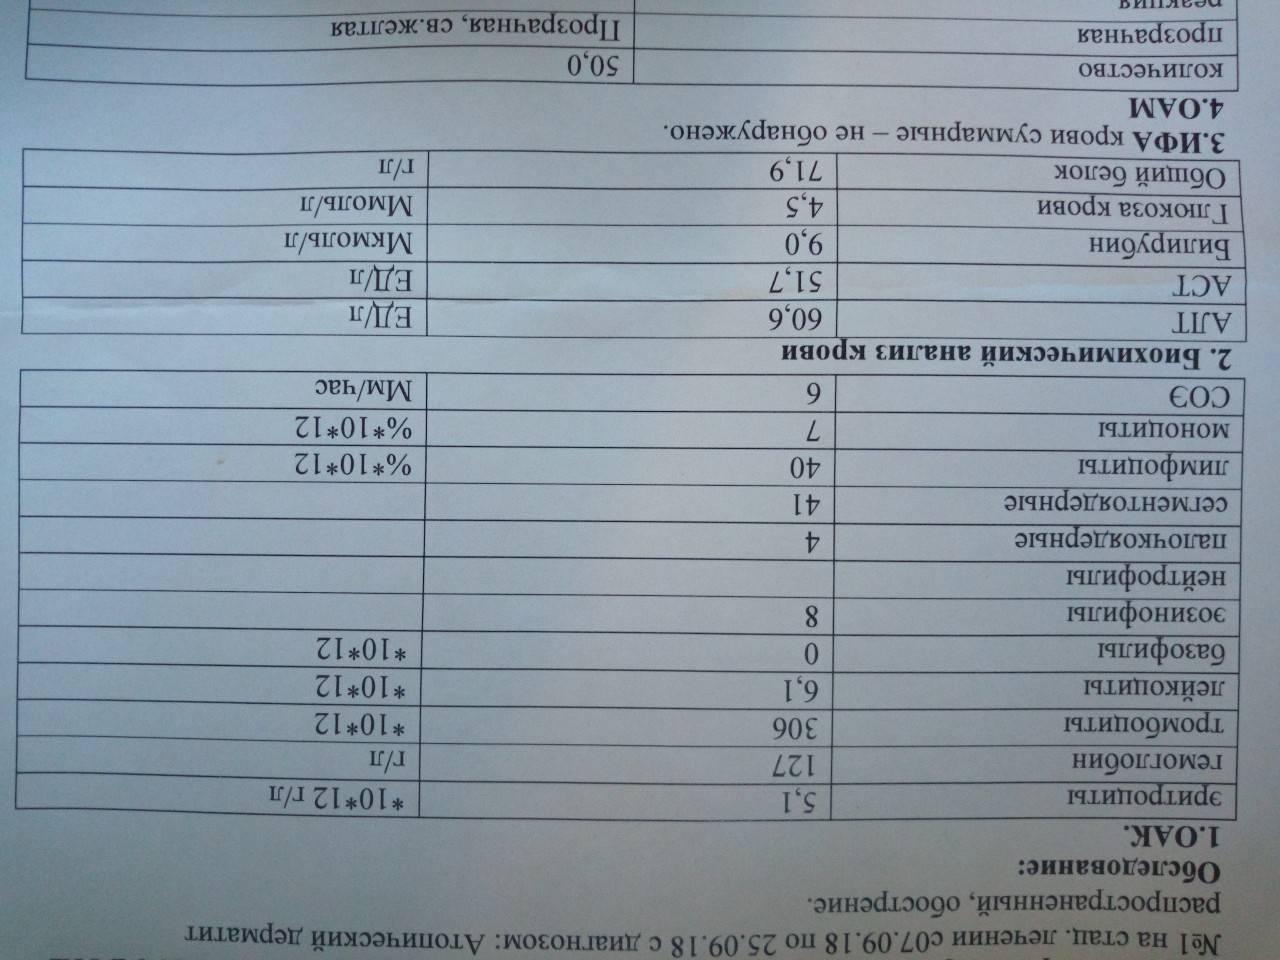 Алт аст показатели и анализов крови при анализ и лейкемии лейкозе крови